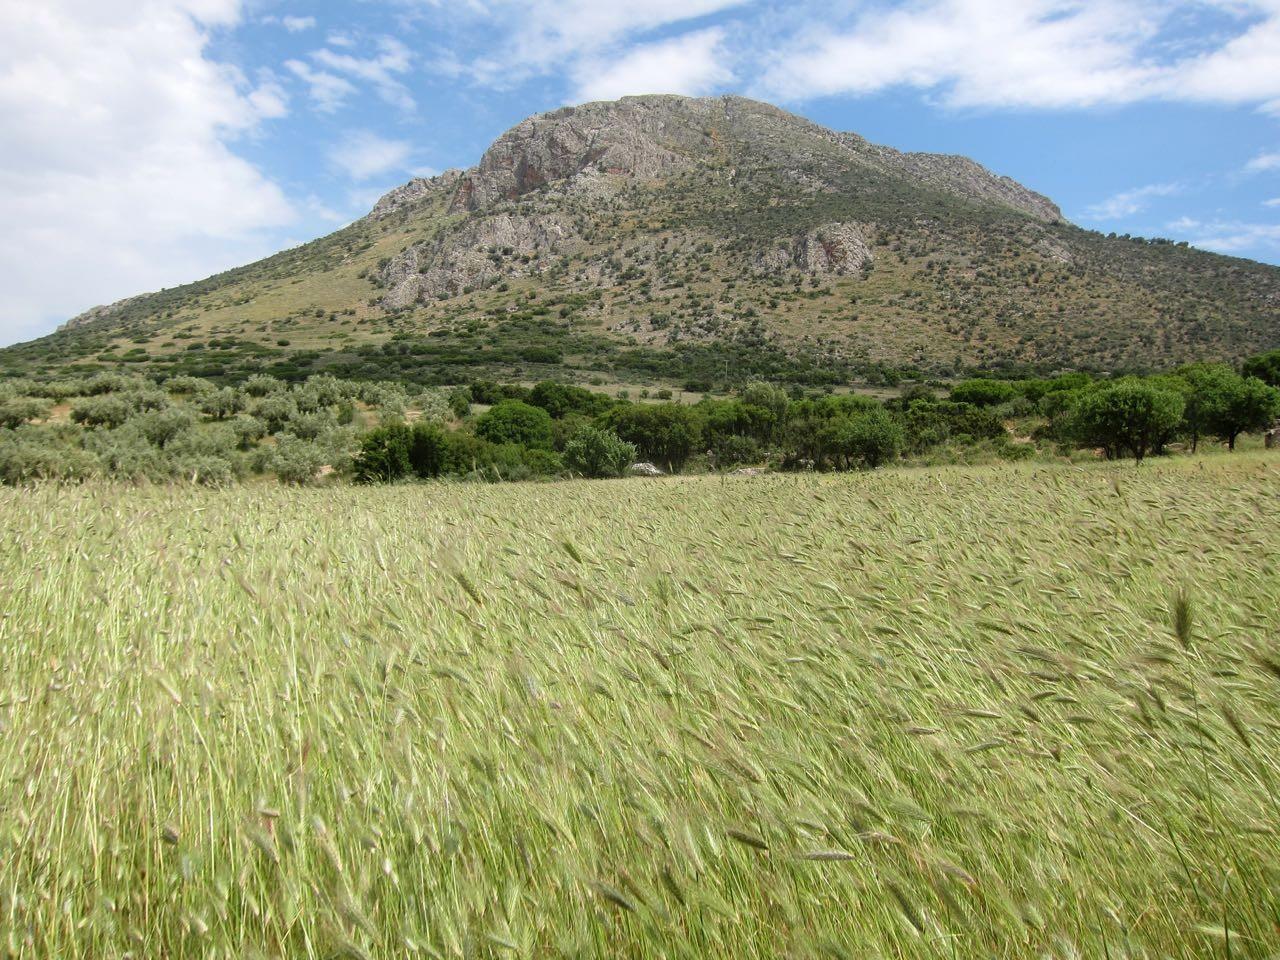 Wanderung um Mykene, dieser Berg ist das Ziel